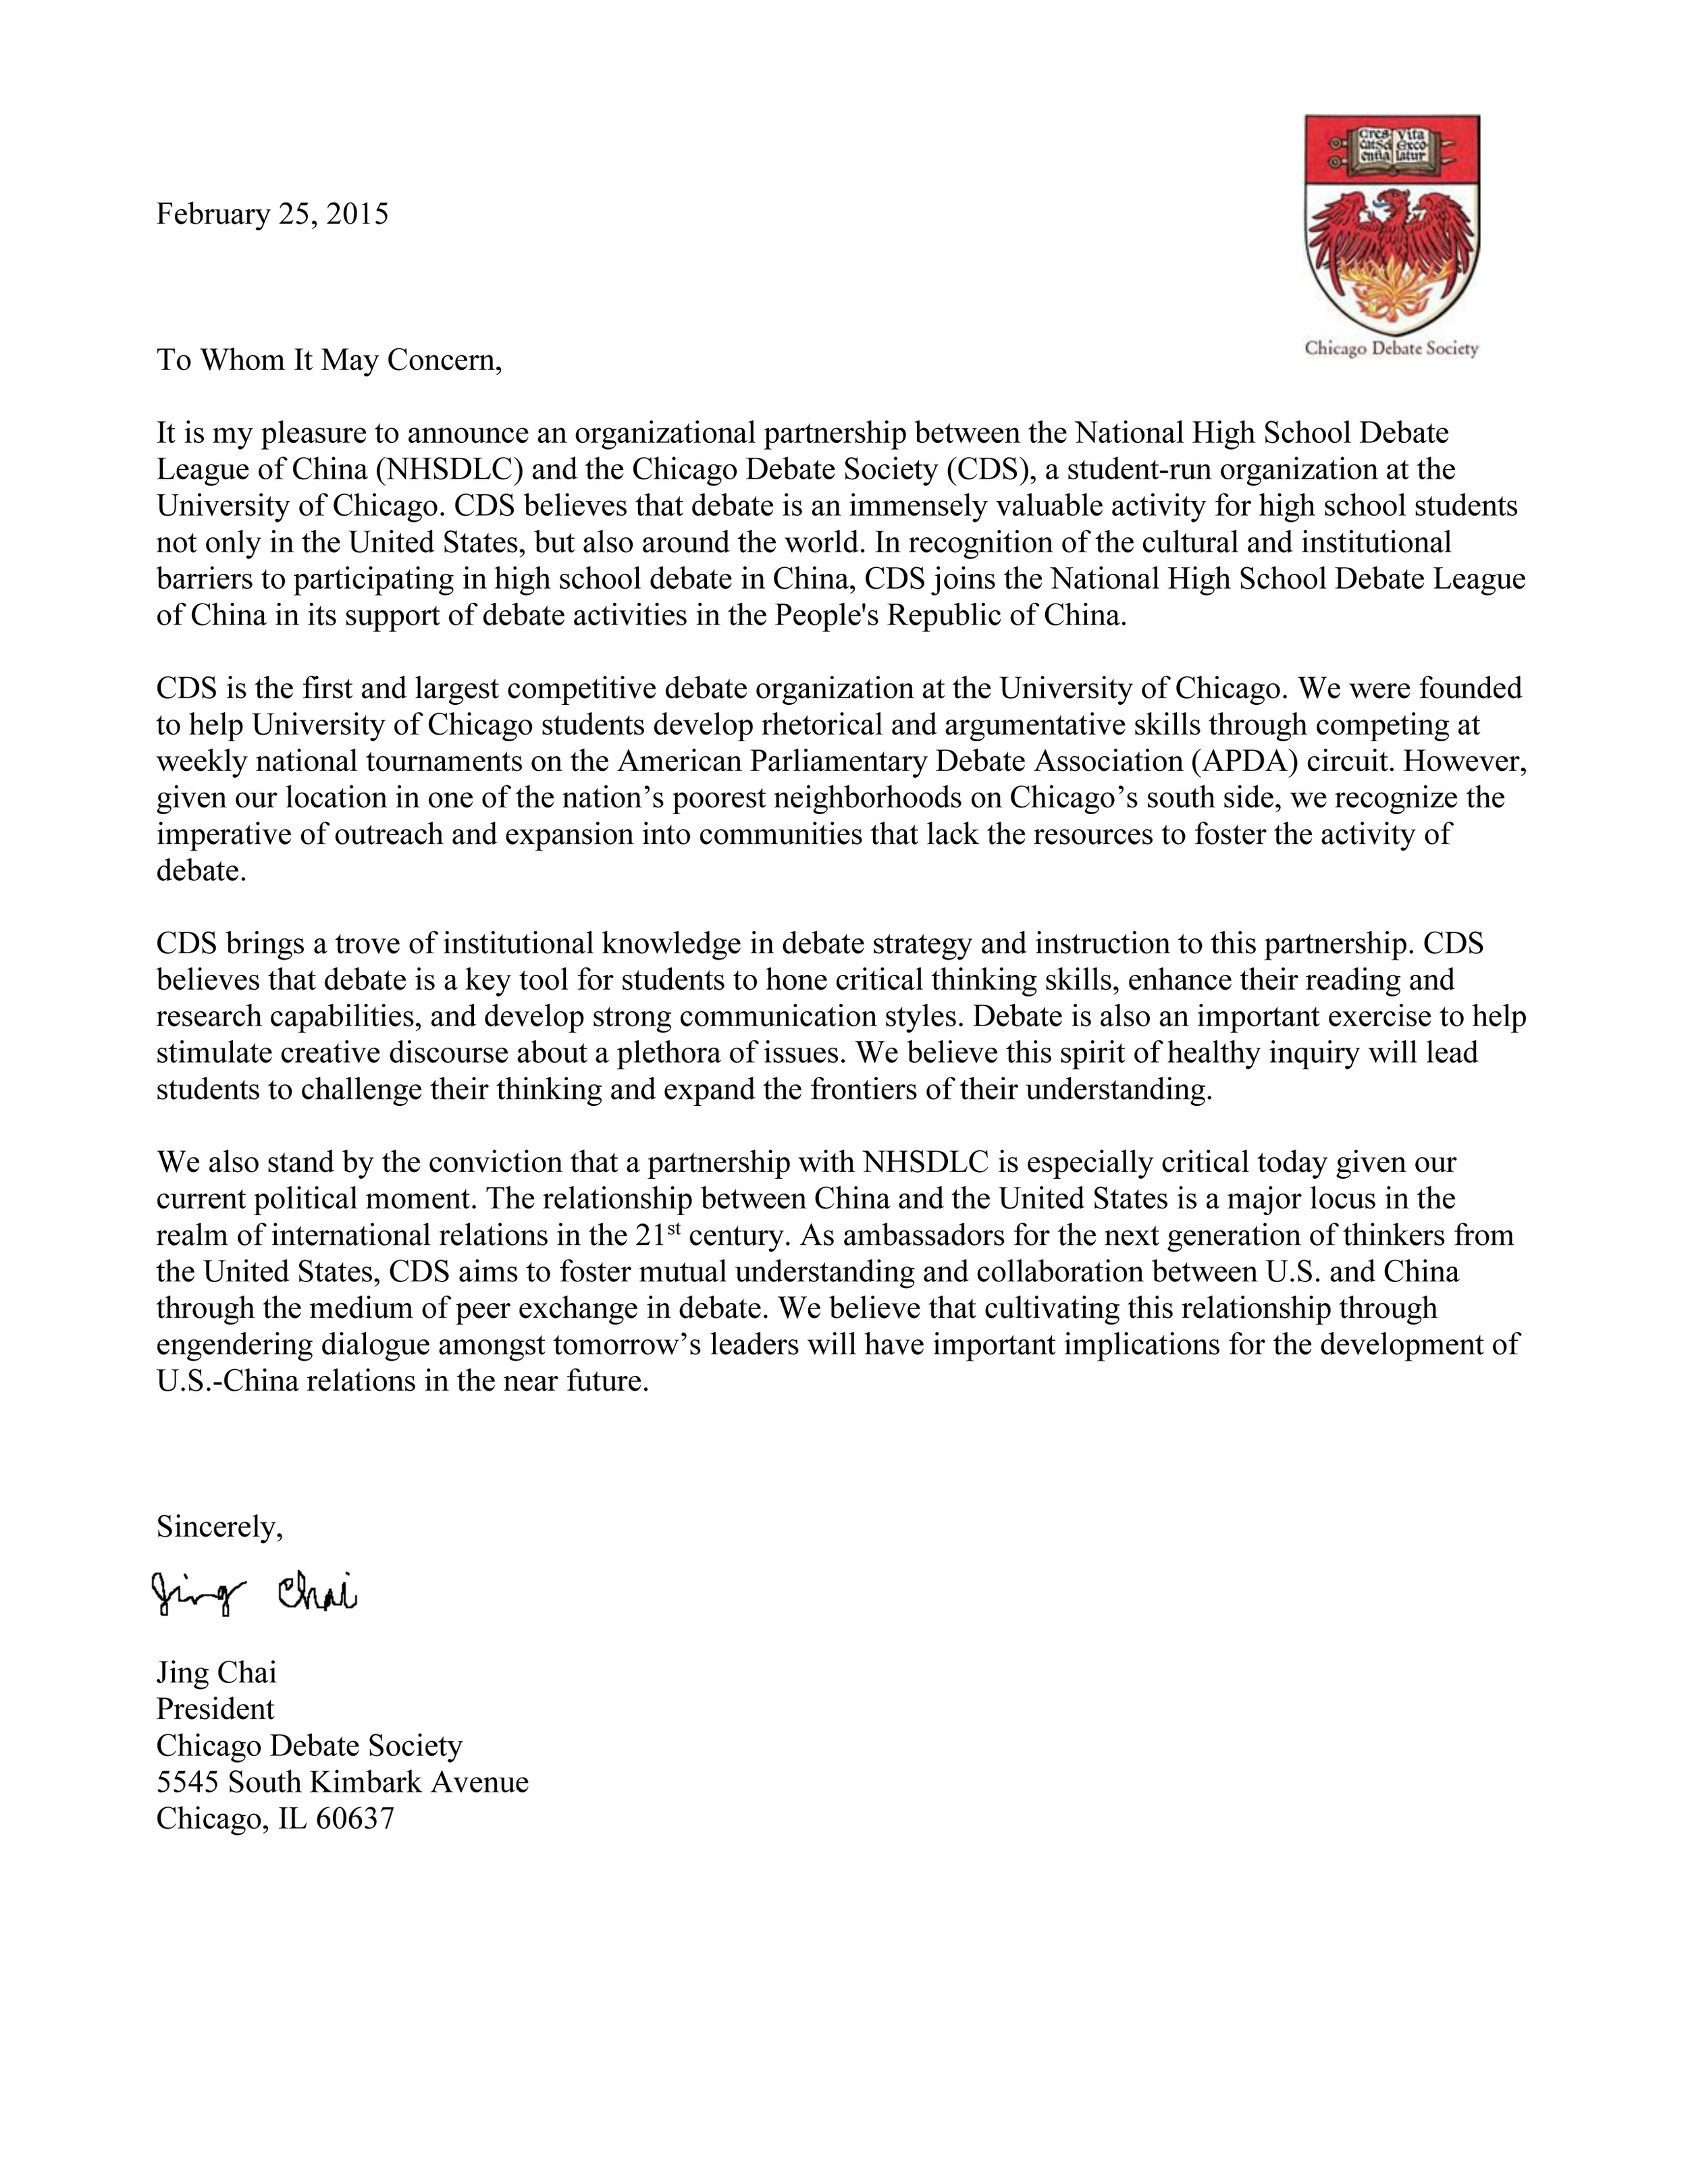 CDS Letter.jpg